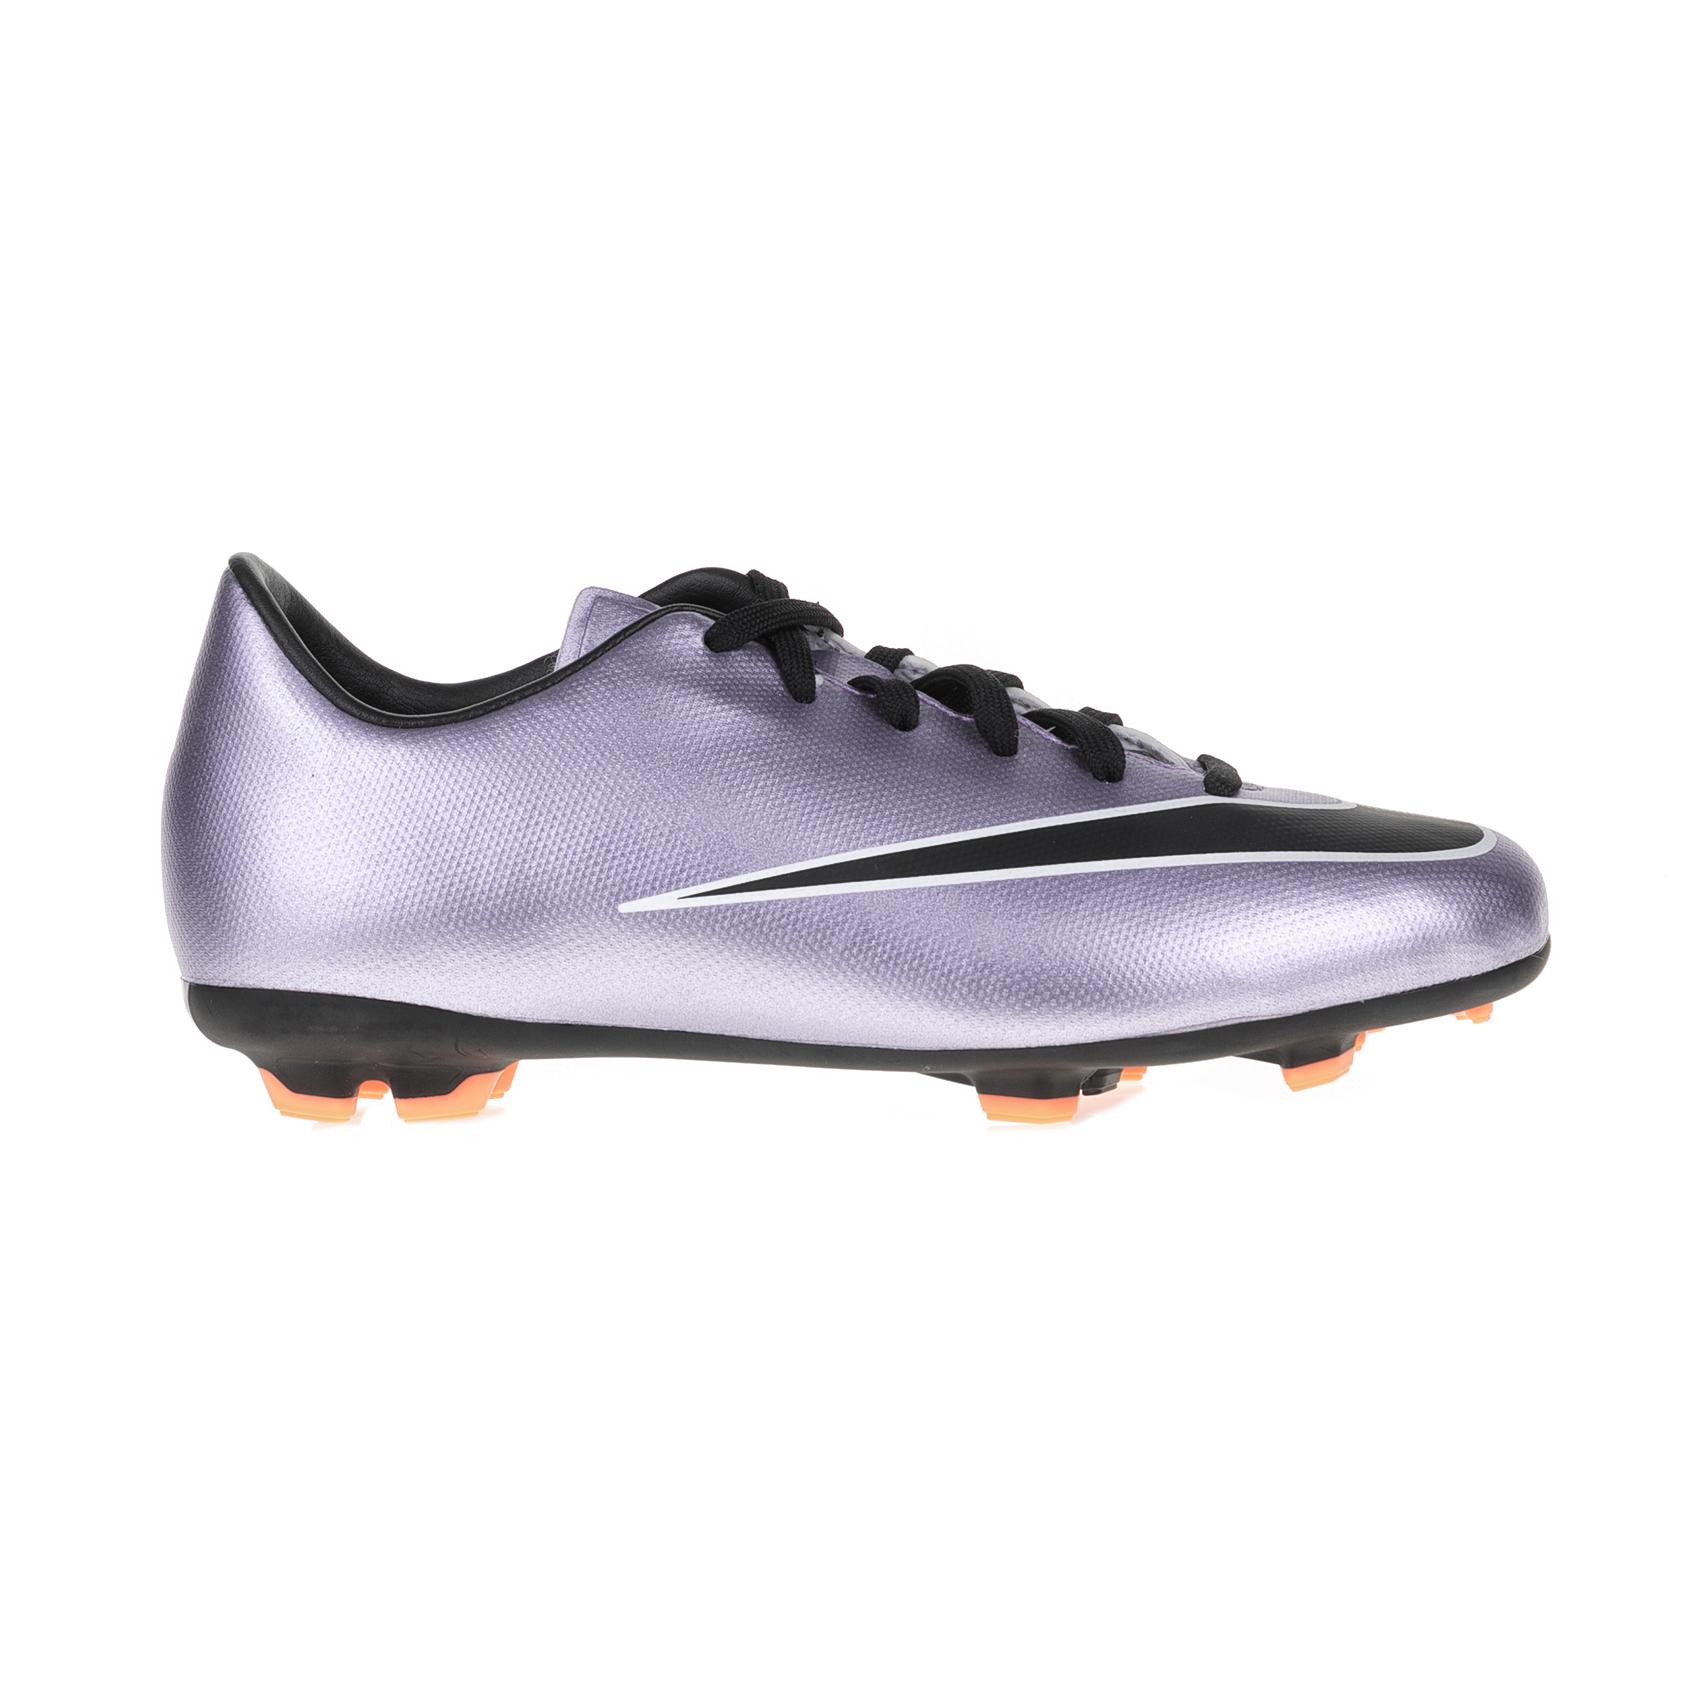 NIKE - Unisex παιδικά παπούτσια ποδοσφαίρου Nike MERCURIAL VICTORY V FG μοβ παιδικά boys παπούτσια αθλητικά